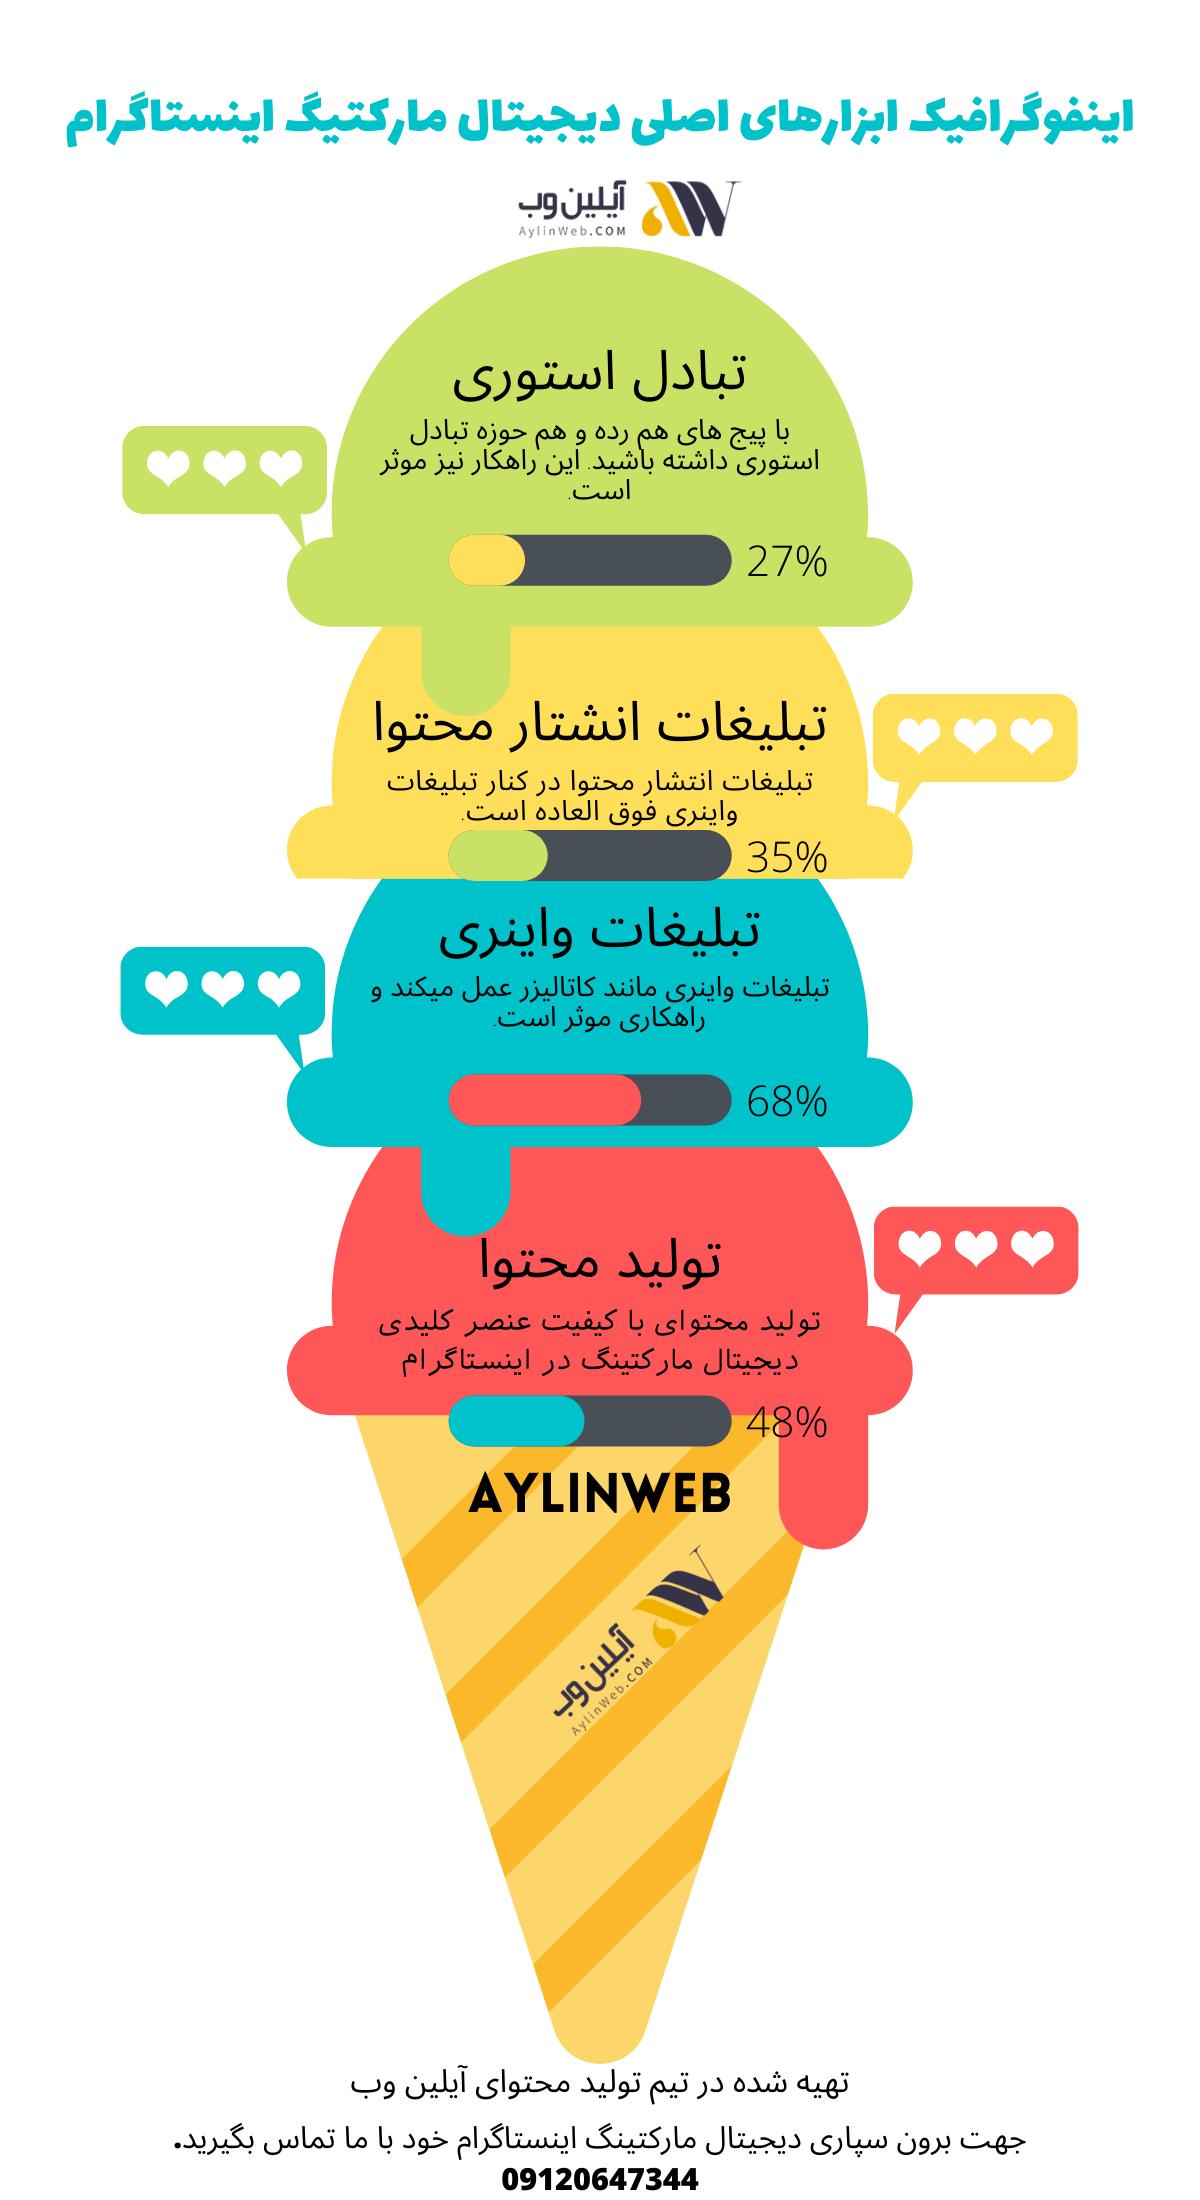 اینفوگرافیک بررسی 4 ابزار مهم در دیجیتال مارکیتینگ اینستاگرام